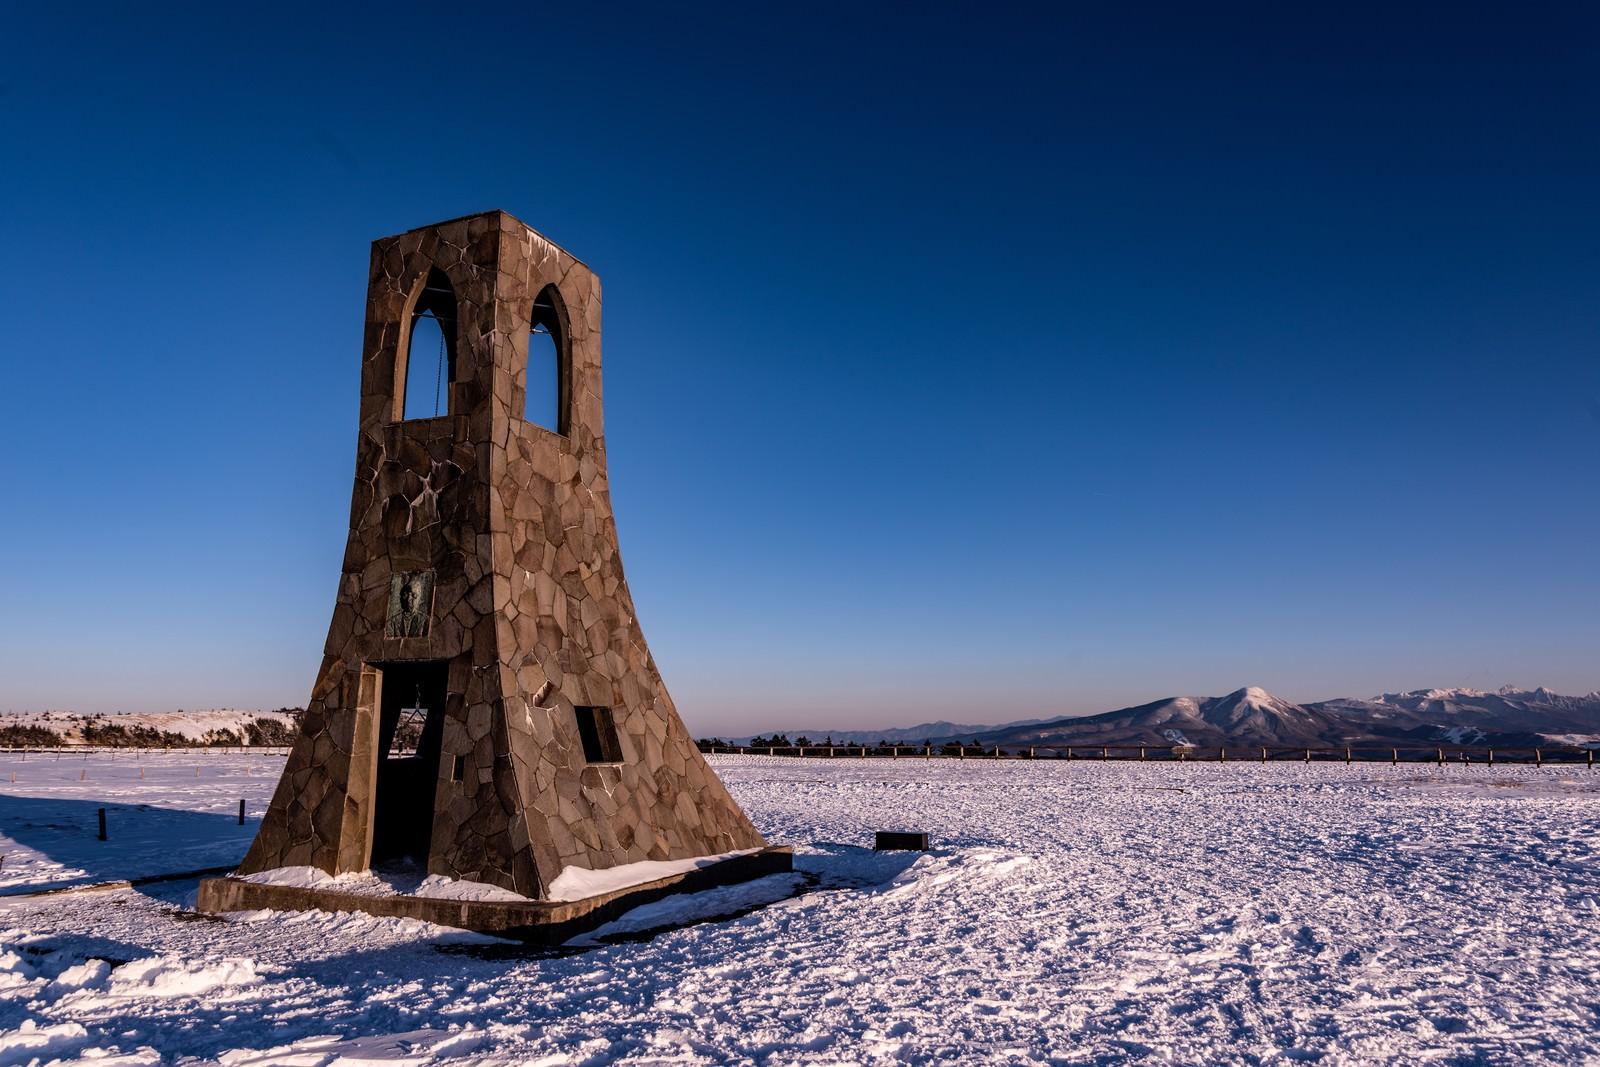 「雪原に建てられた避難塔」の写真